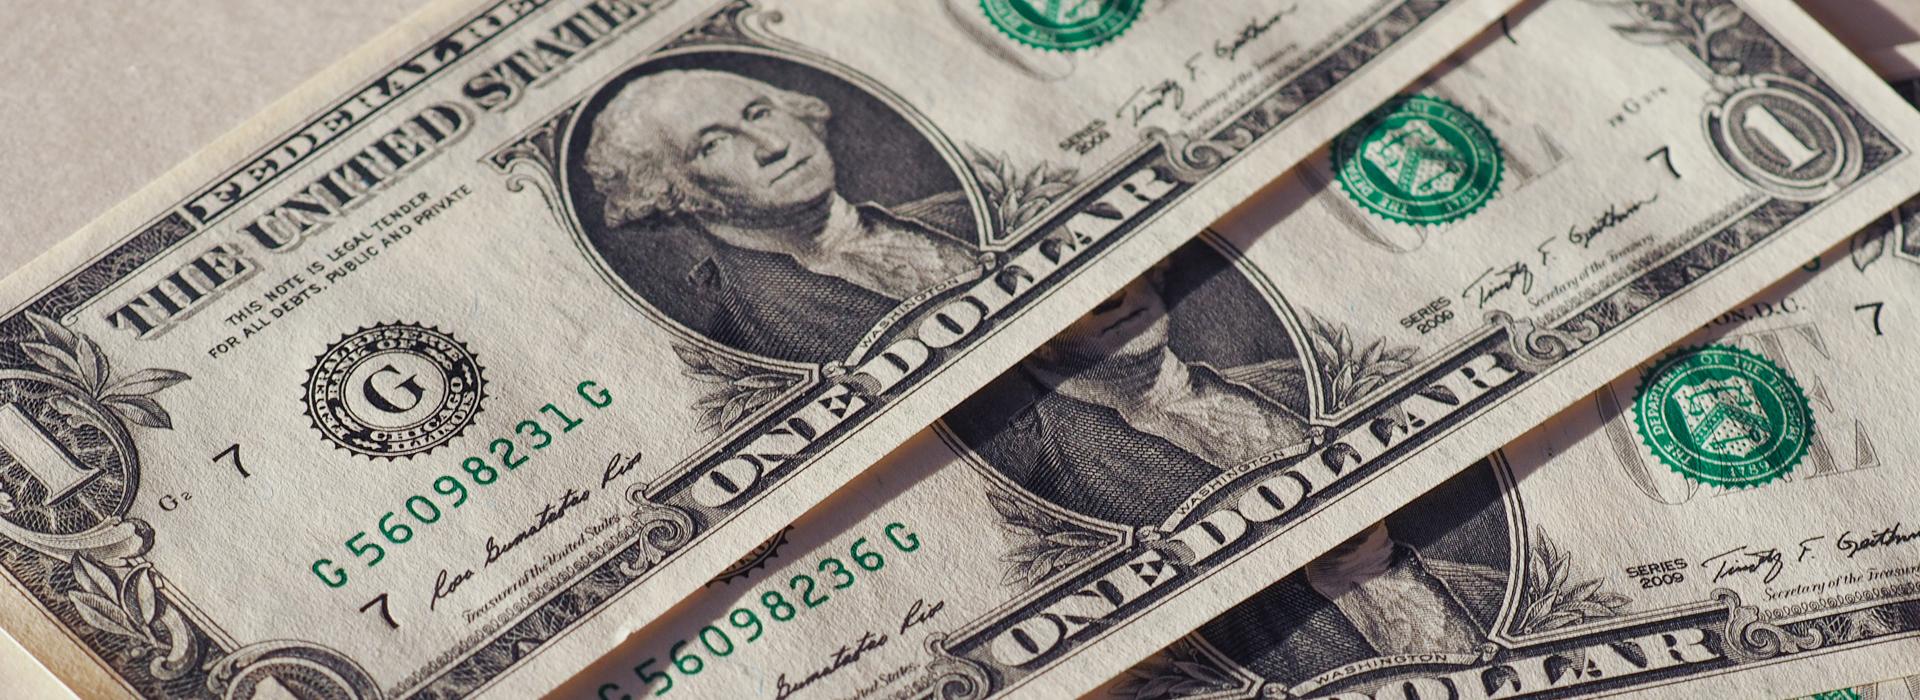 三封聯名信 看見高關稅下的經濟惡果